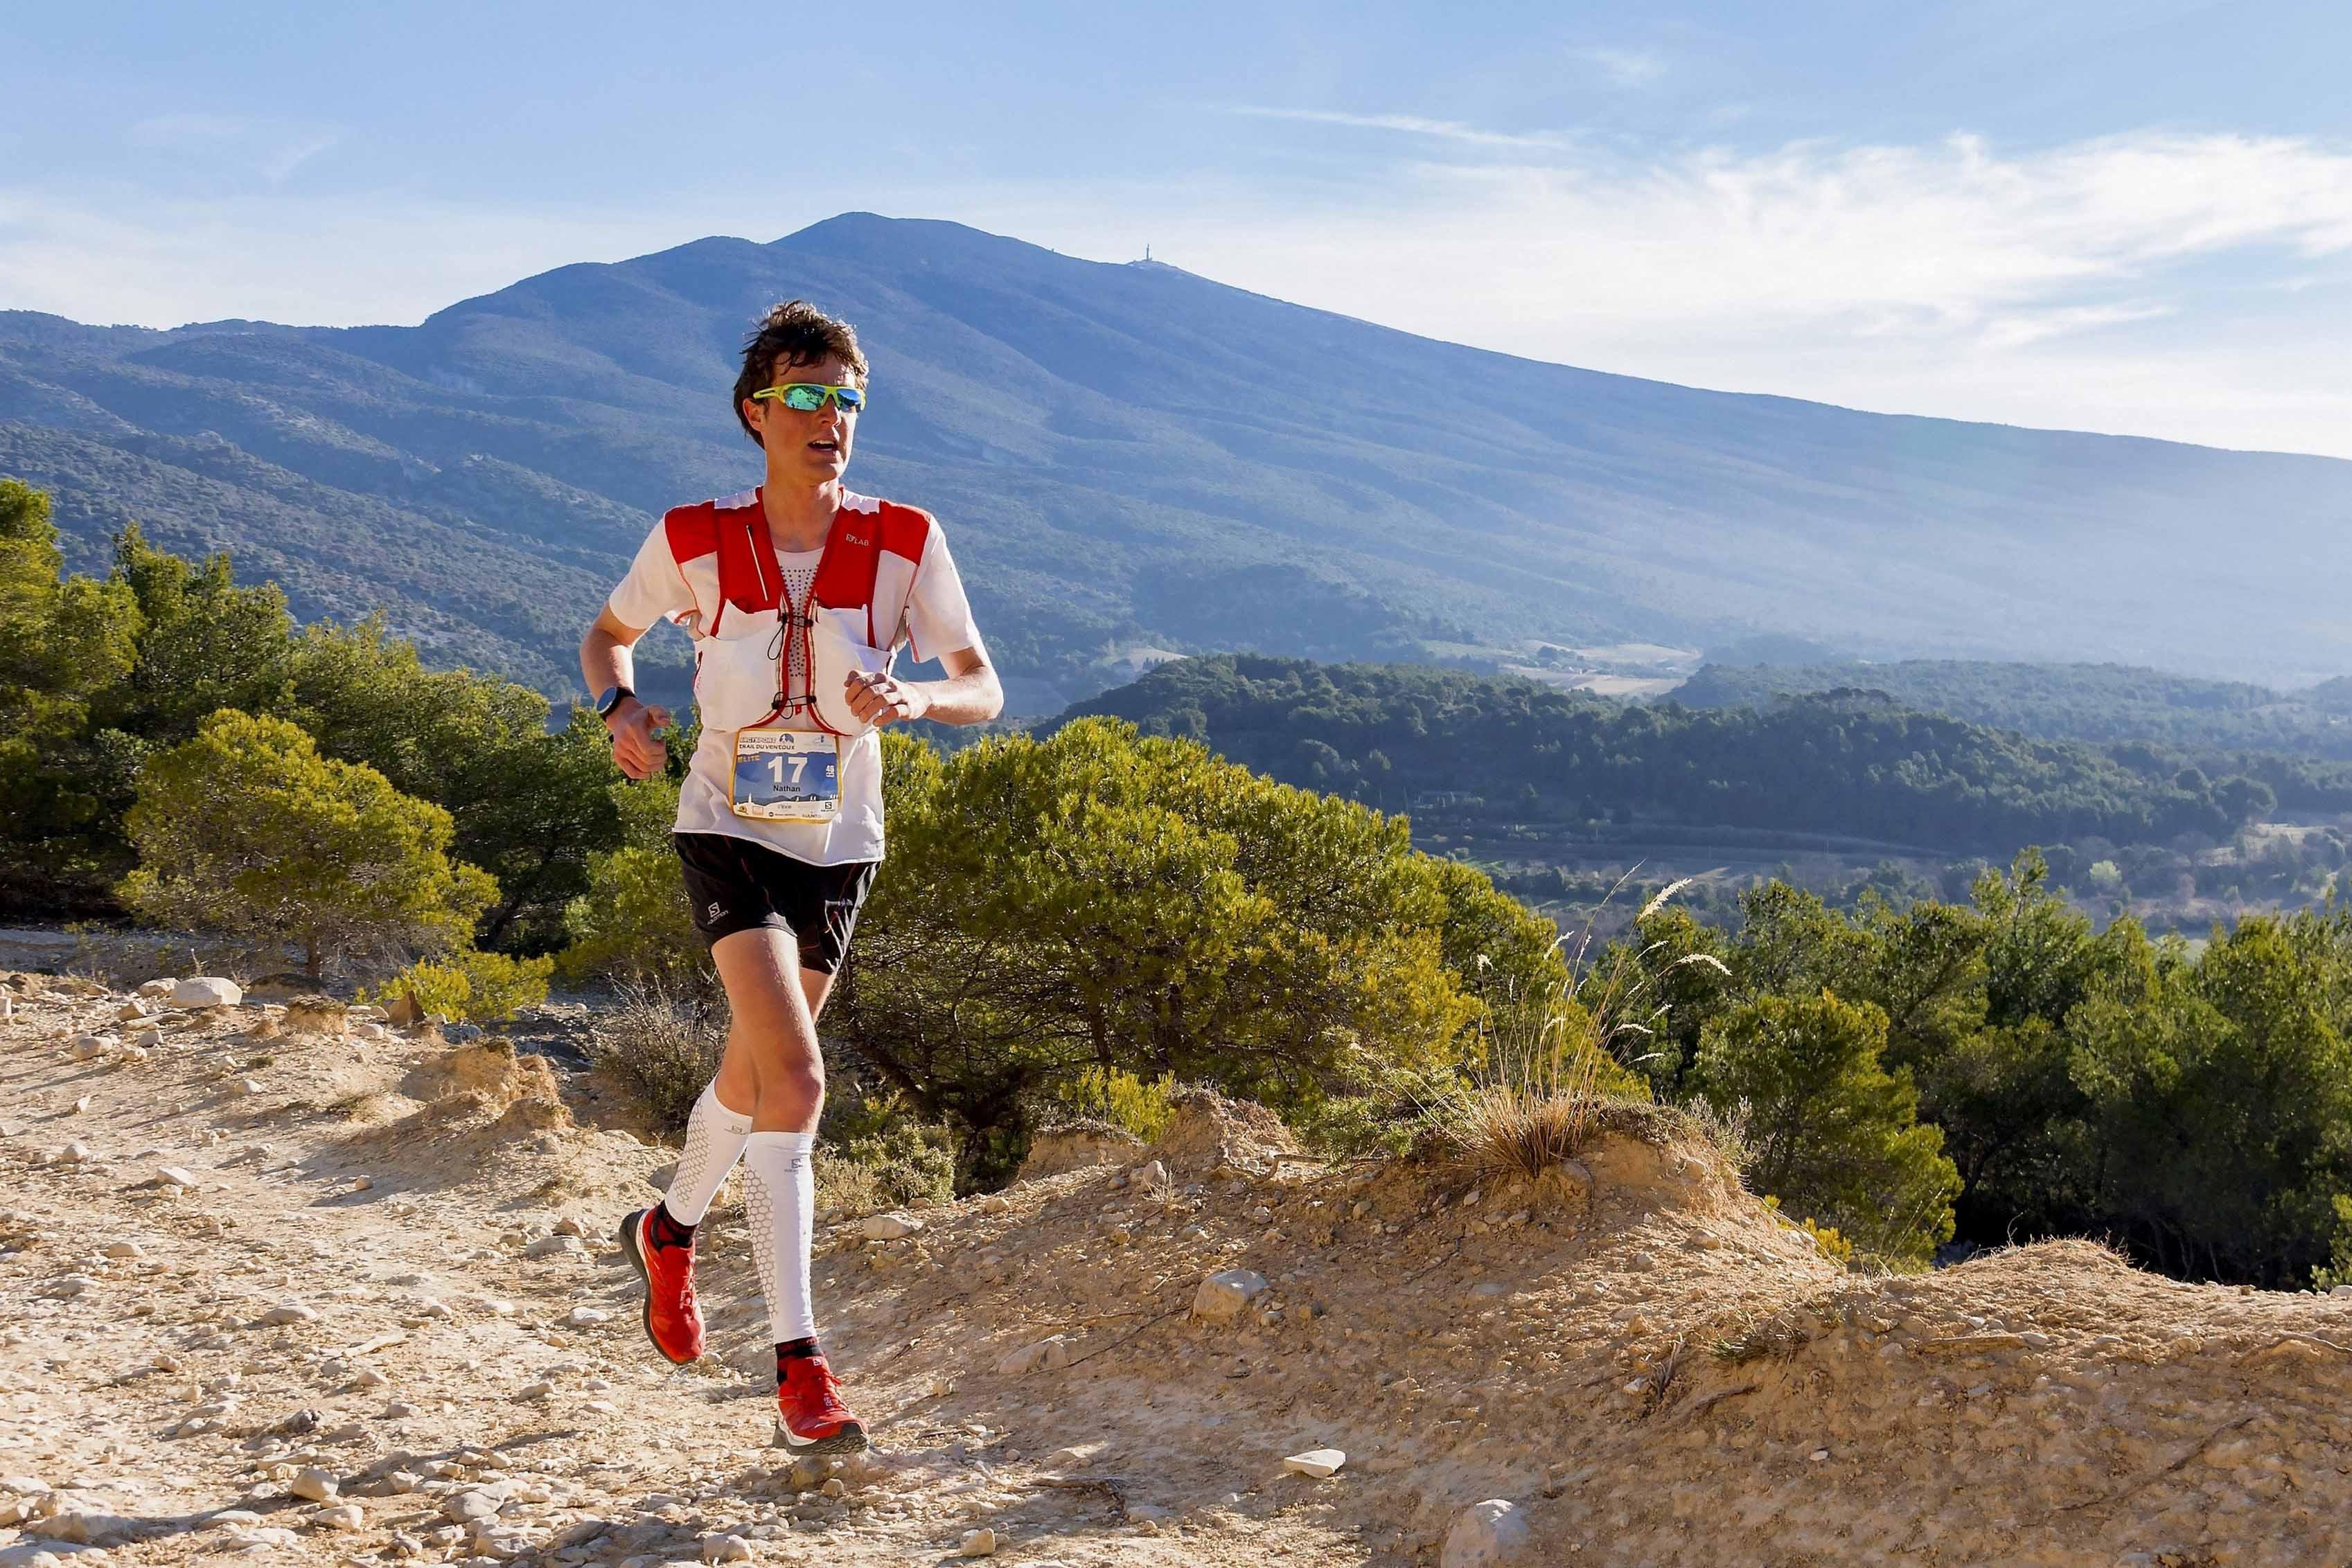 6 Nathan Jovet Ventoux photo Goran Mojicevic Passion Trail - PRESENTATION DE LA MAXI-RACE DU LAC D'ANNECY (74) 26 AU 28 MAI 2017